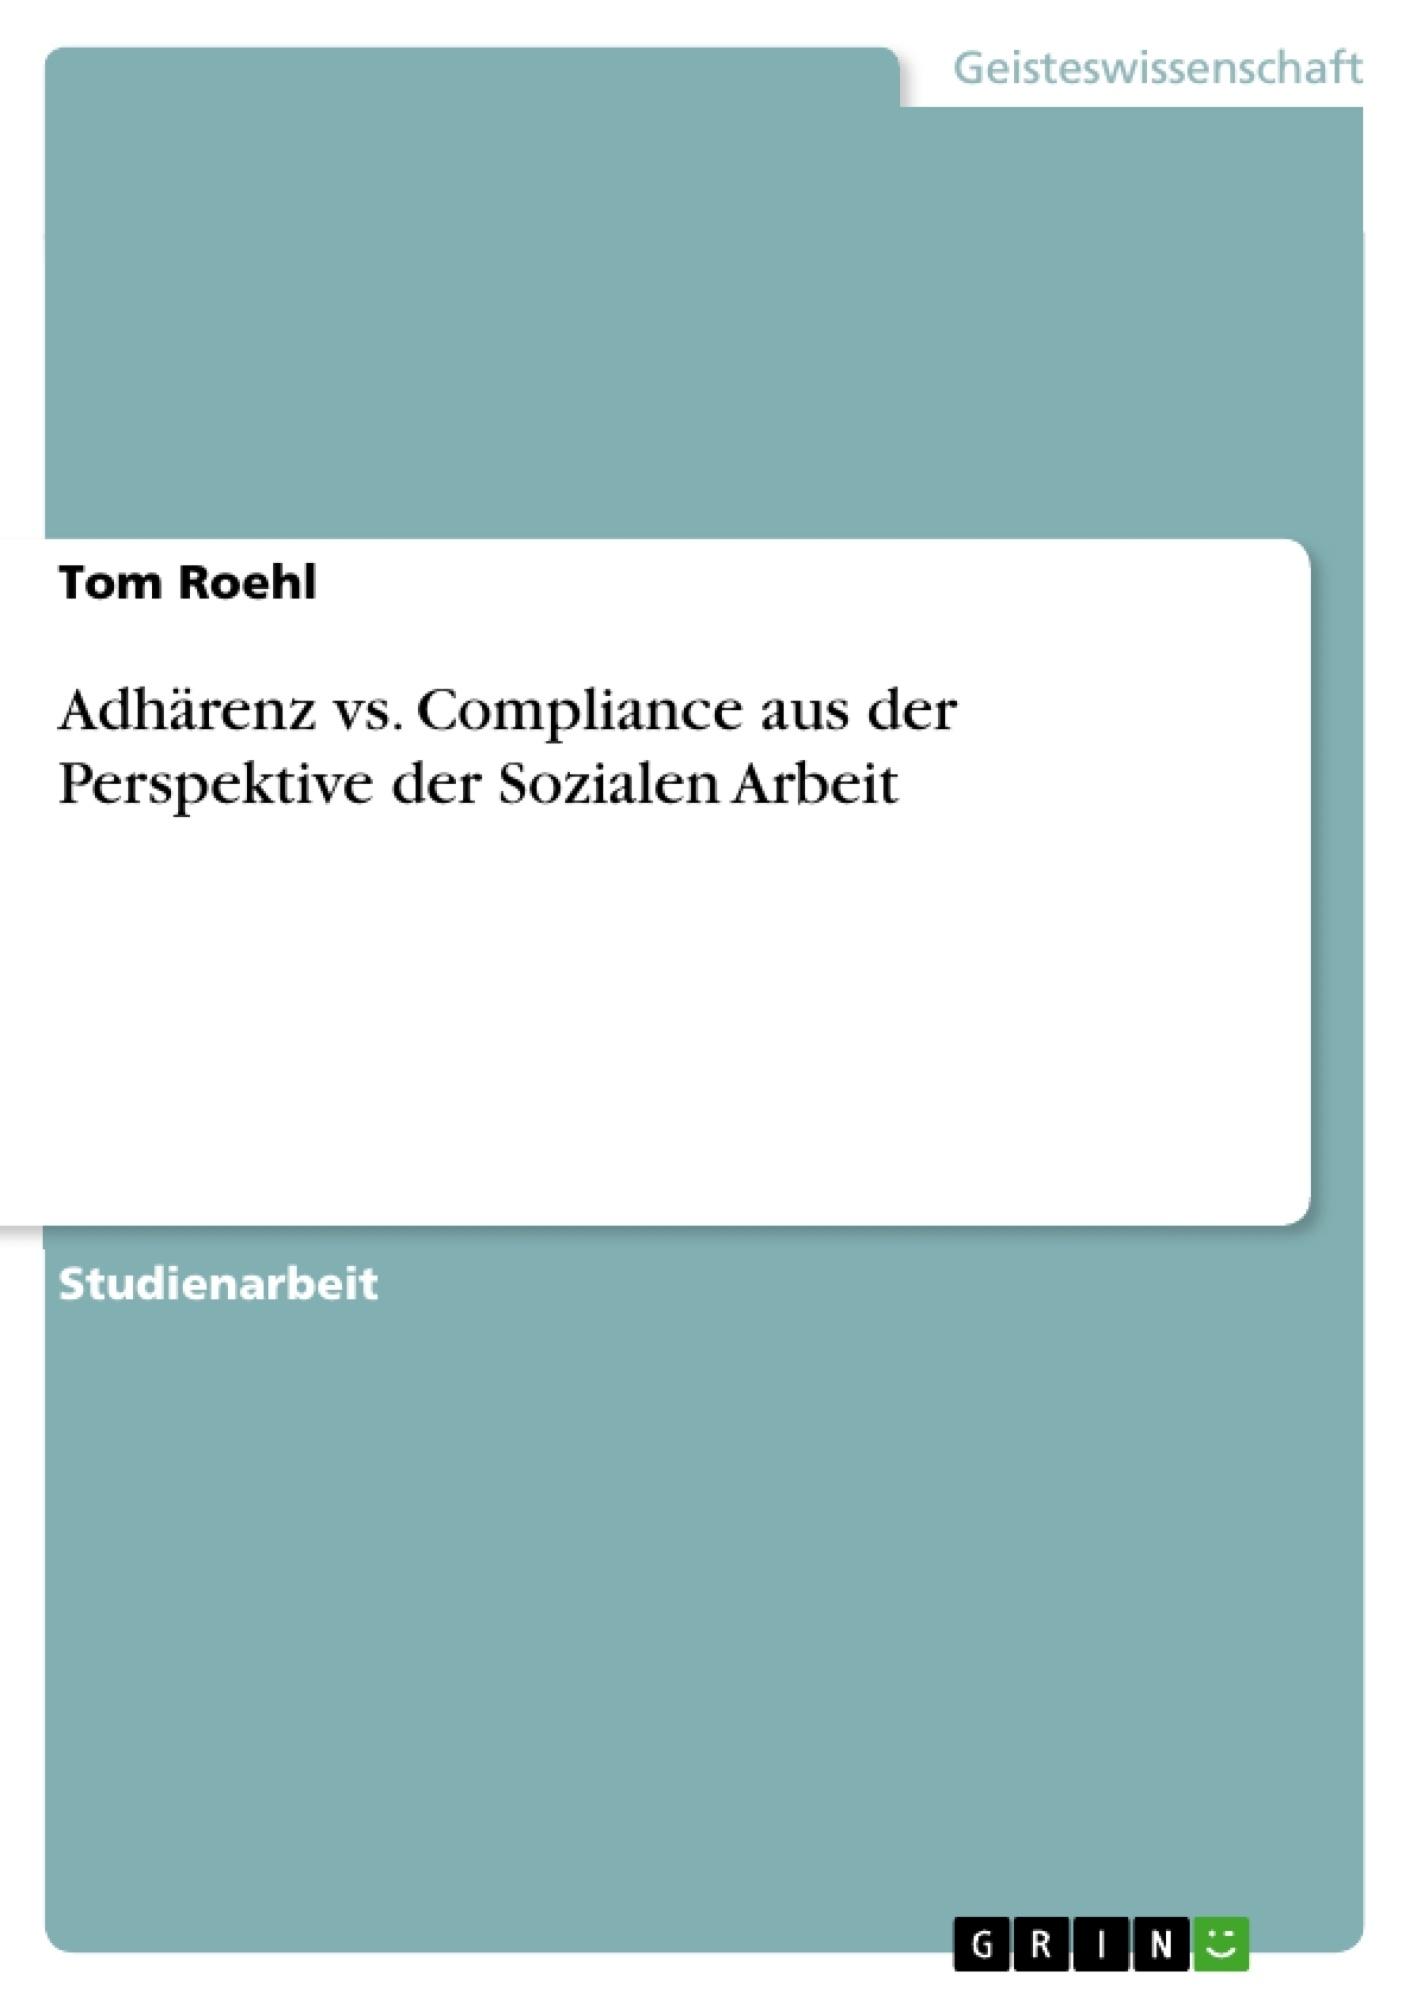 Titel: Adhärenz vs. Compliance aus der Perspektive der Sozialen Arbeit